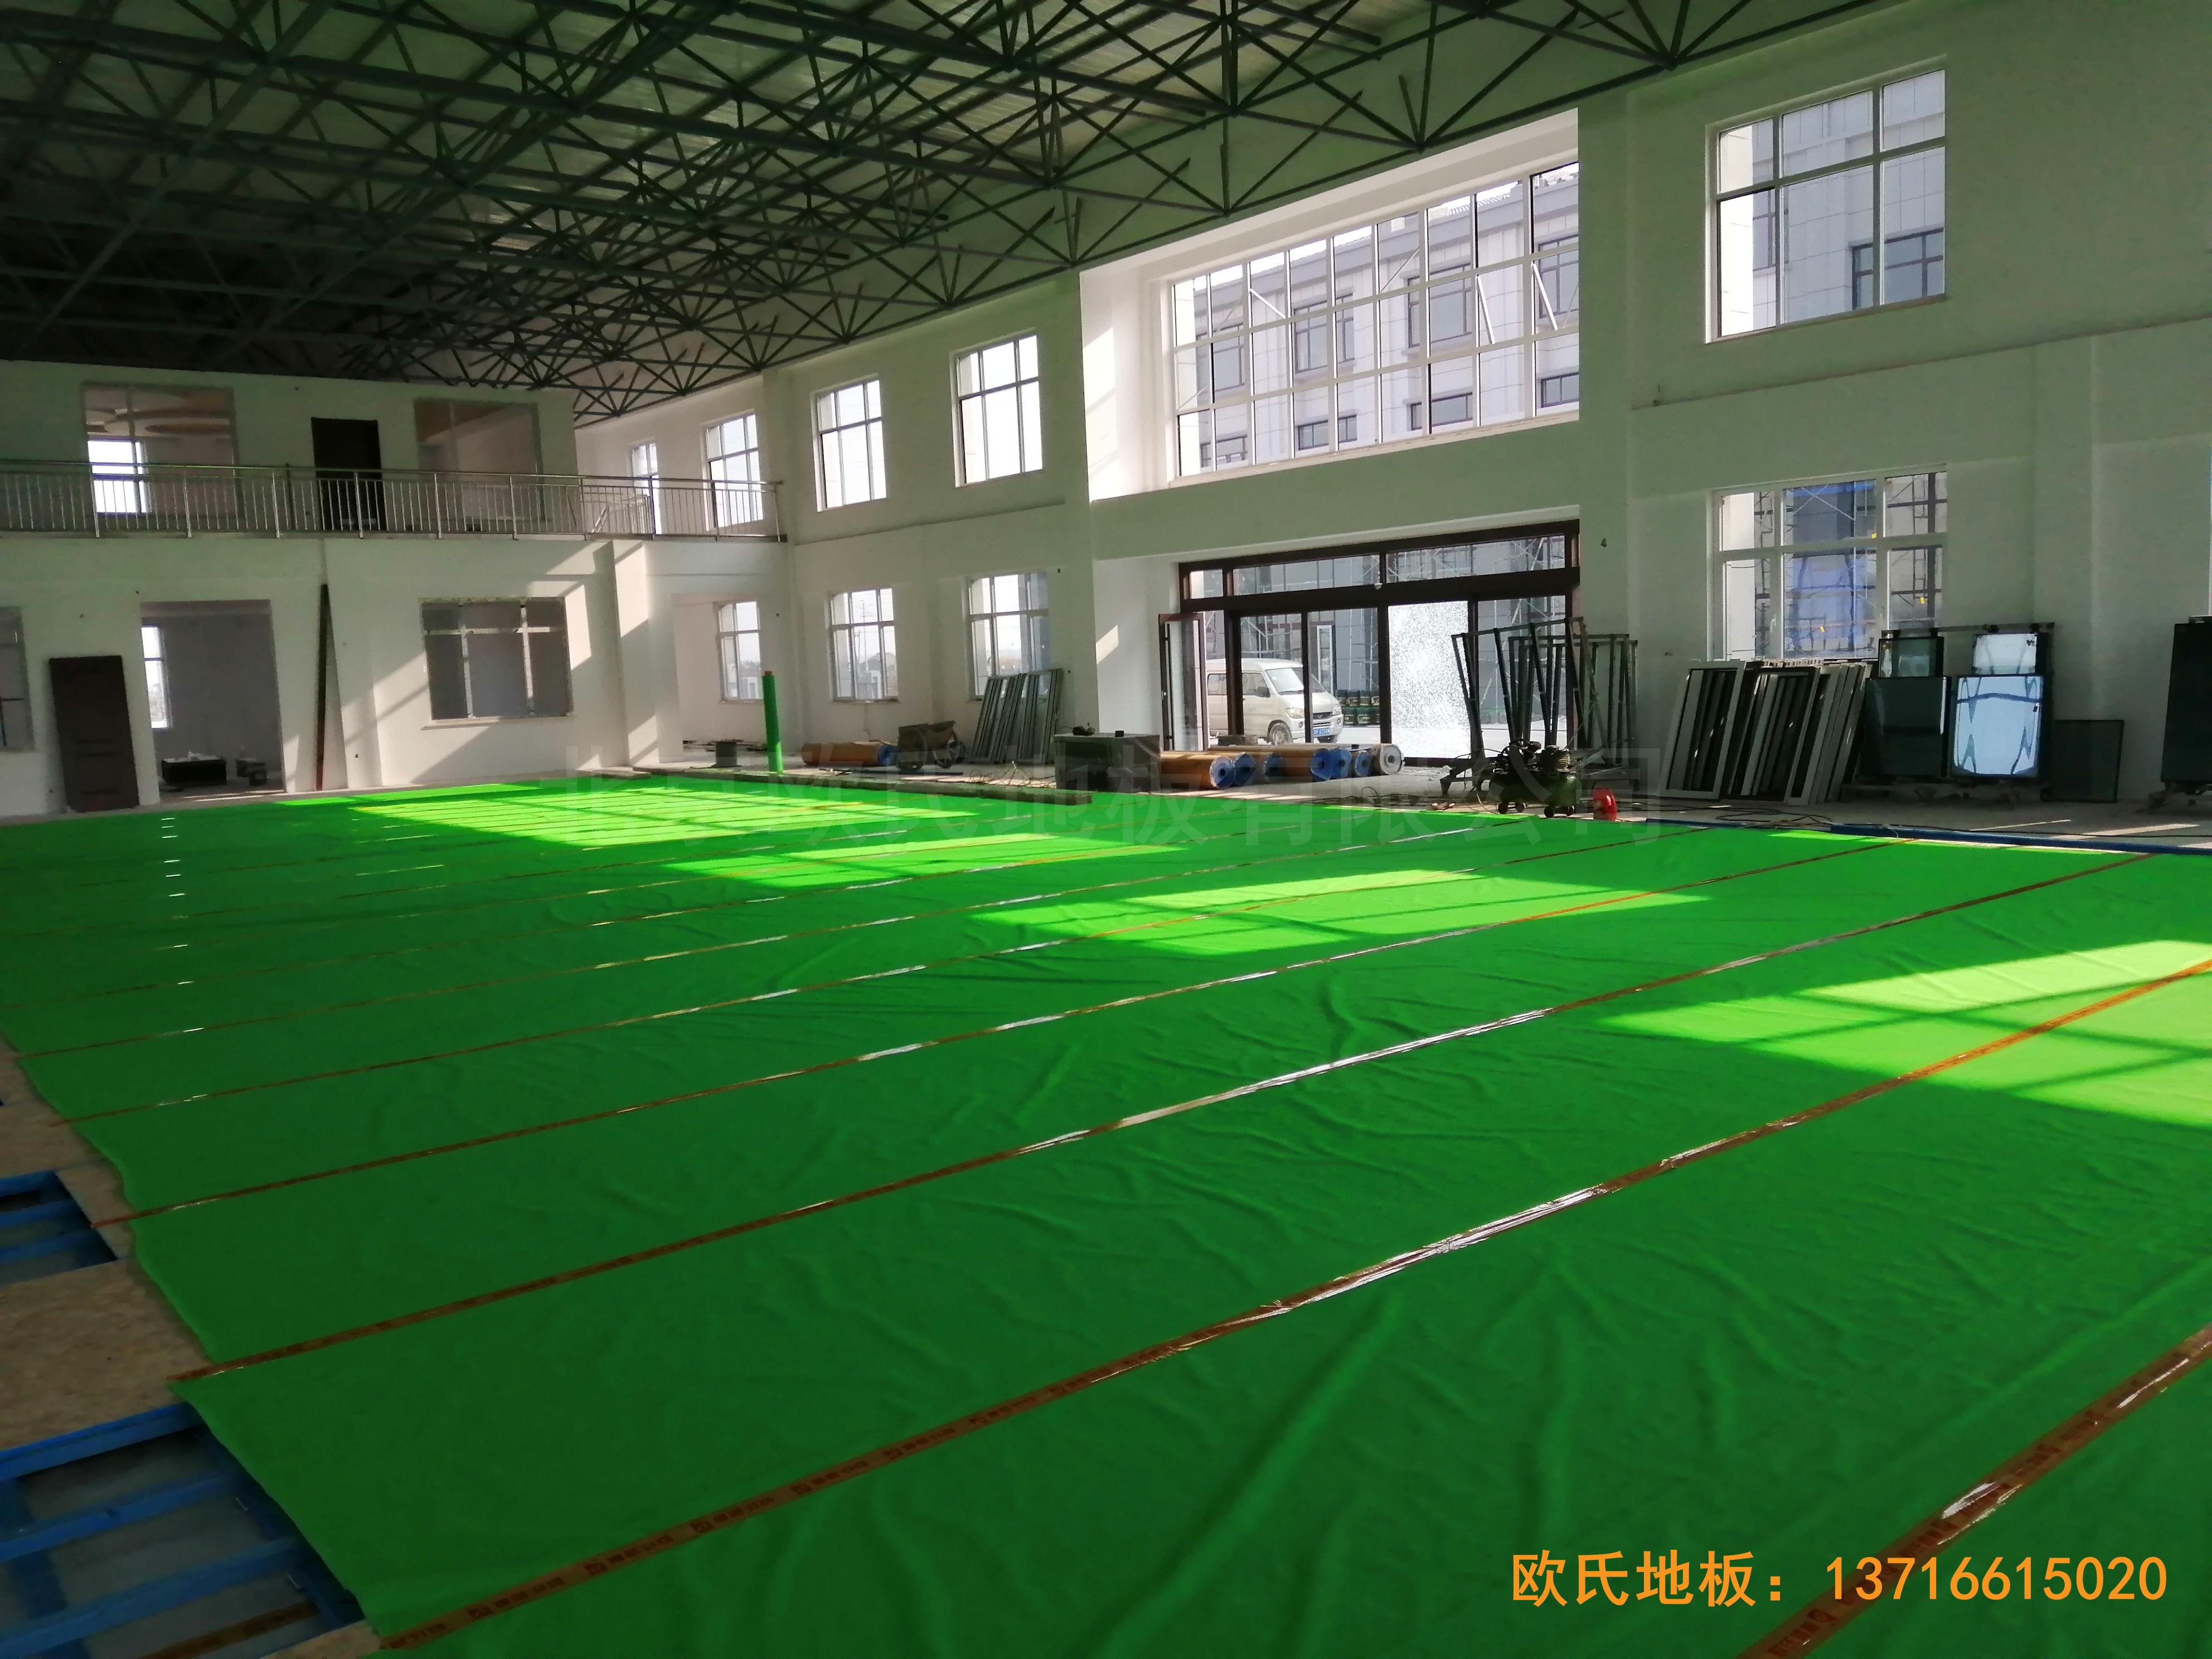 莱州银海工业园消防特训队篮球馆体育木地板铺装案例3